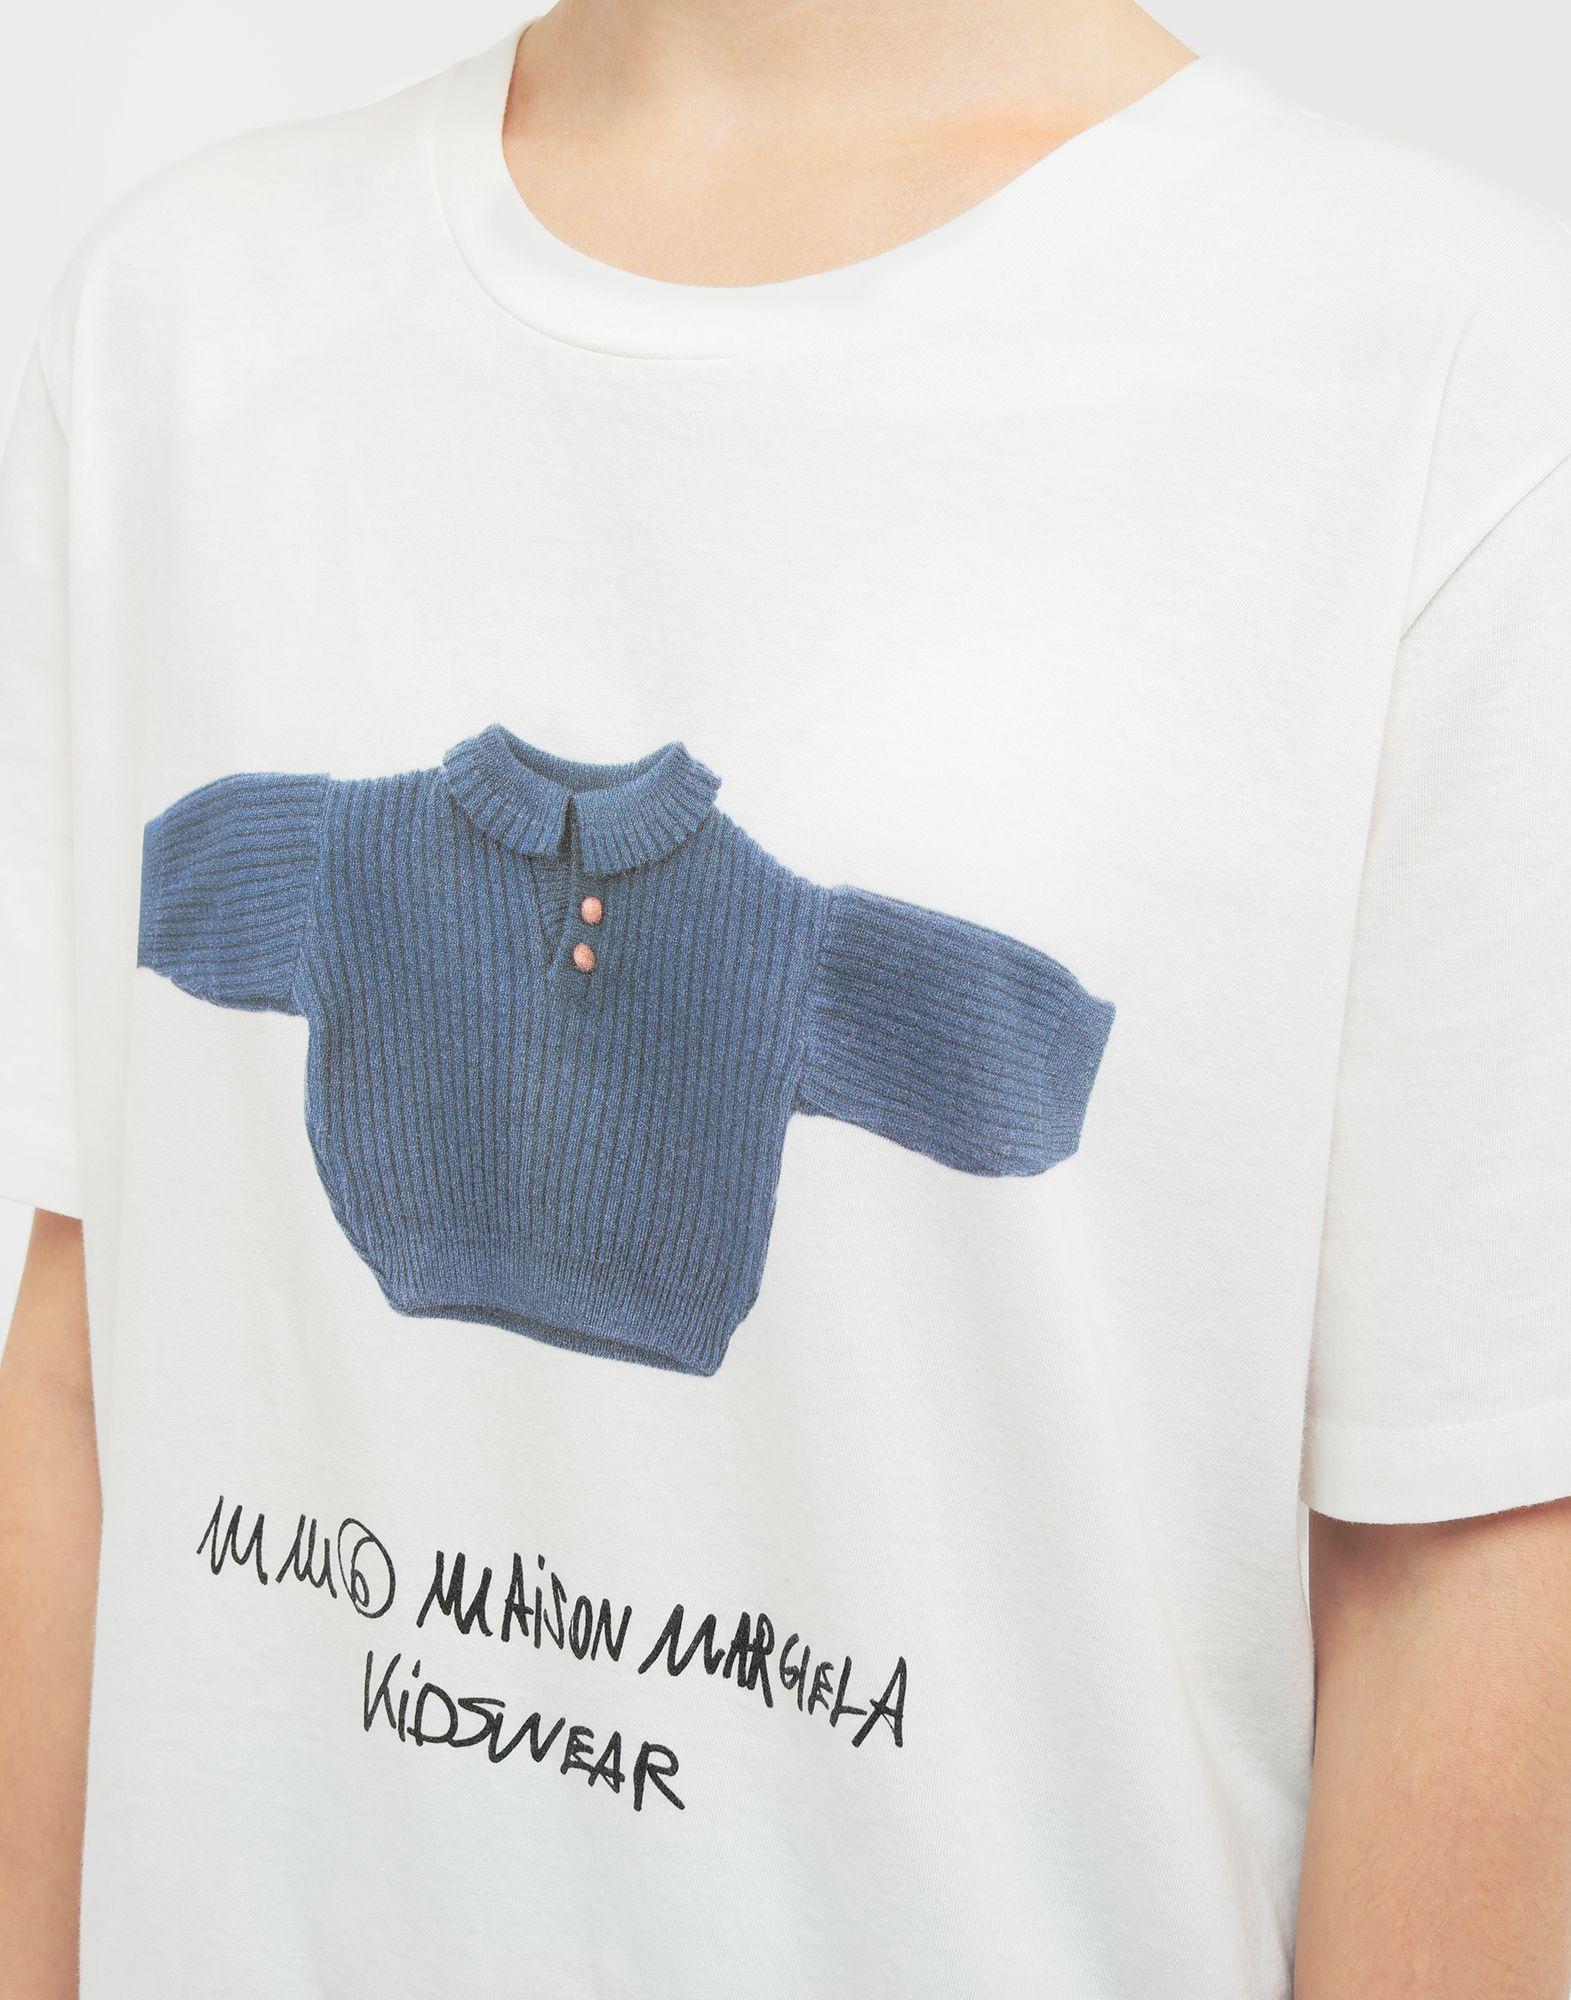 MM6 MAISON MARGIELA Kidswear print T-shirt Short sleeve t-shirt Woman a